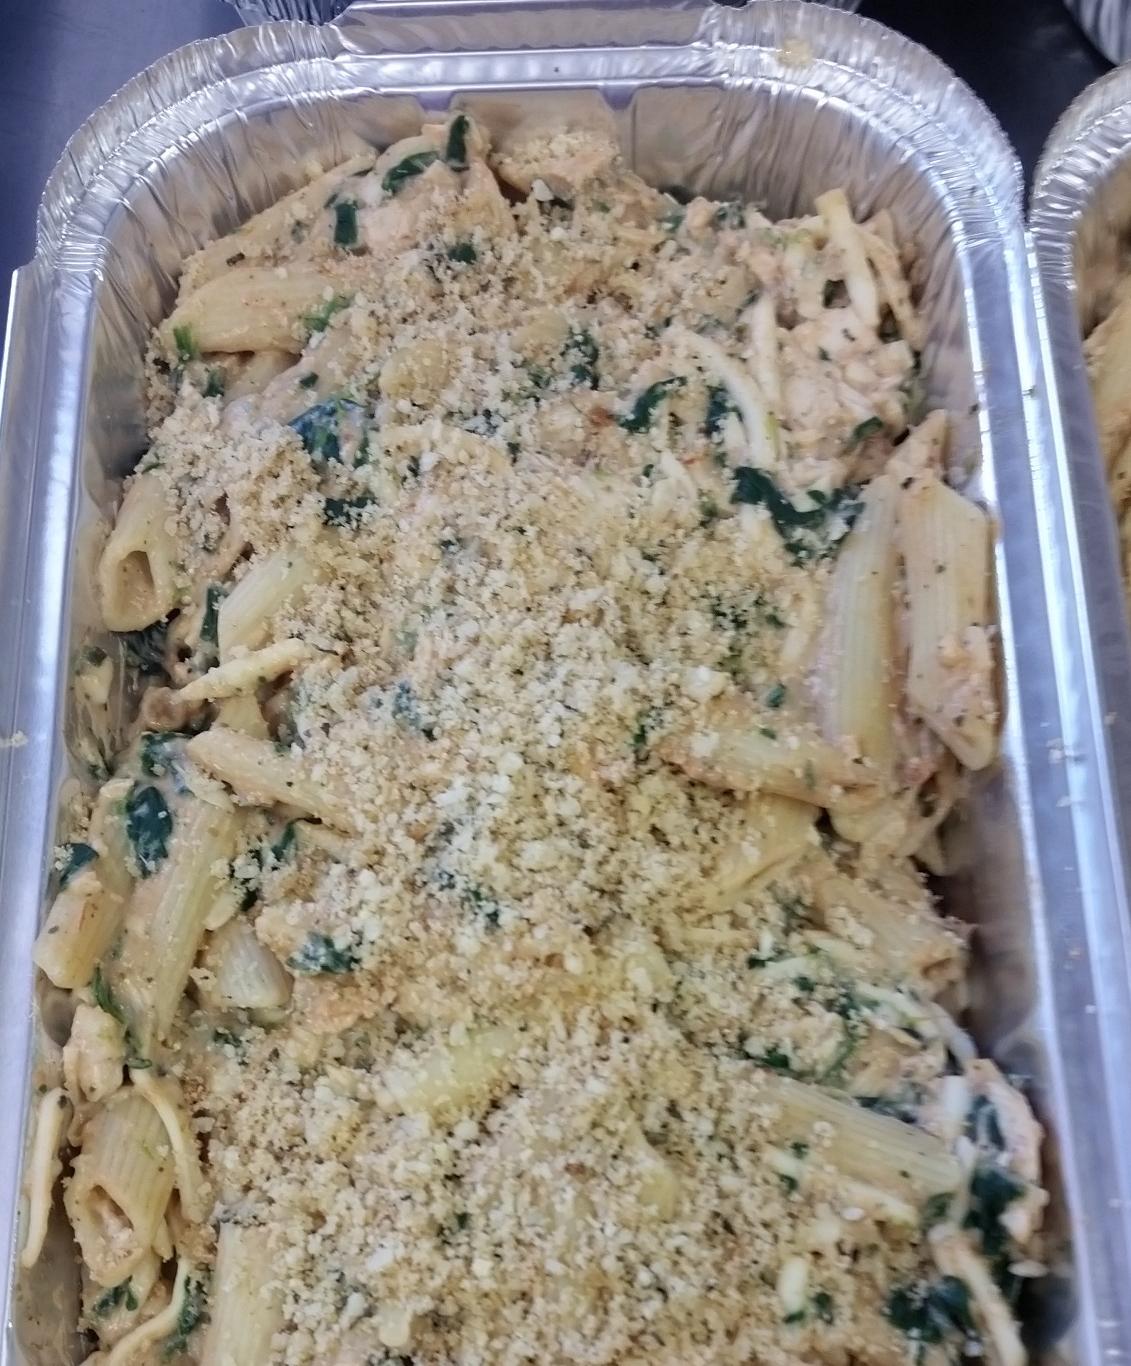 Presto Pesto Chicken Casserole